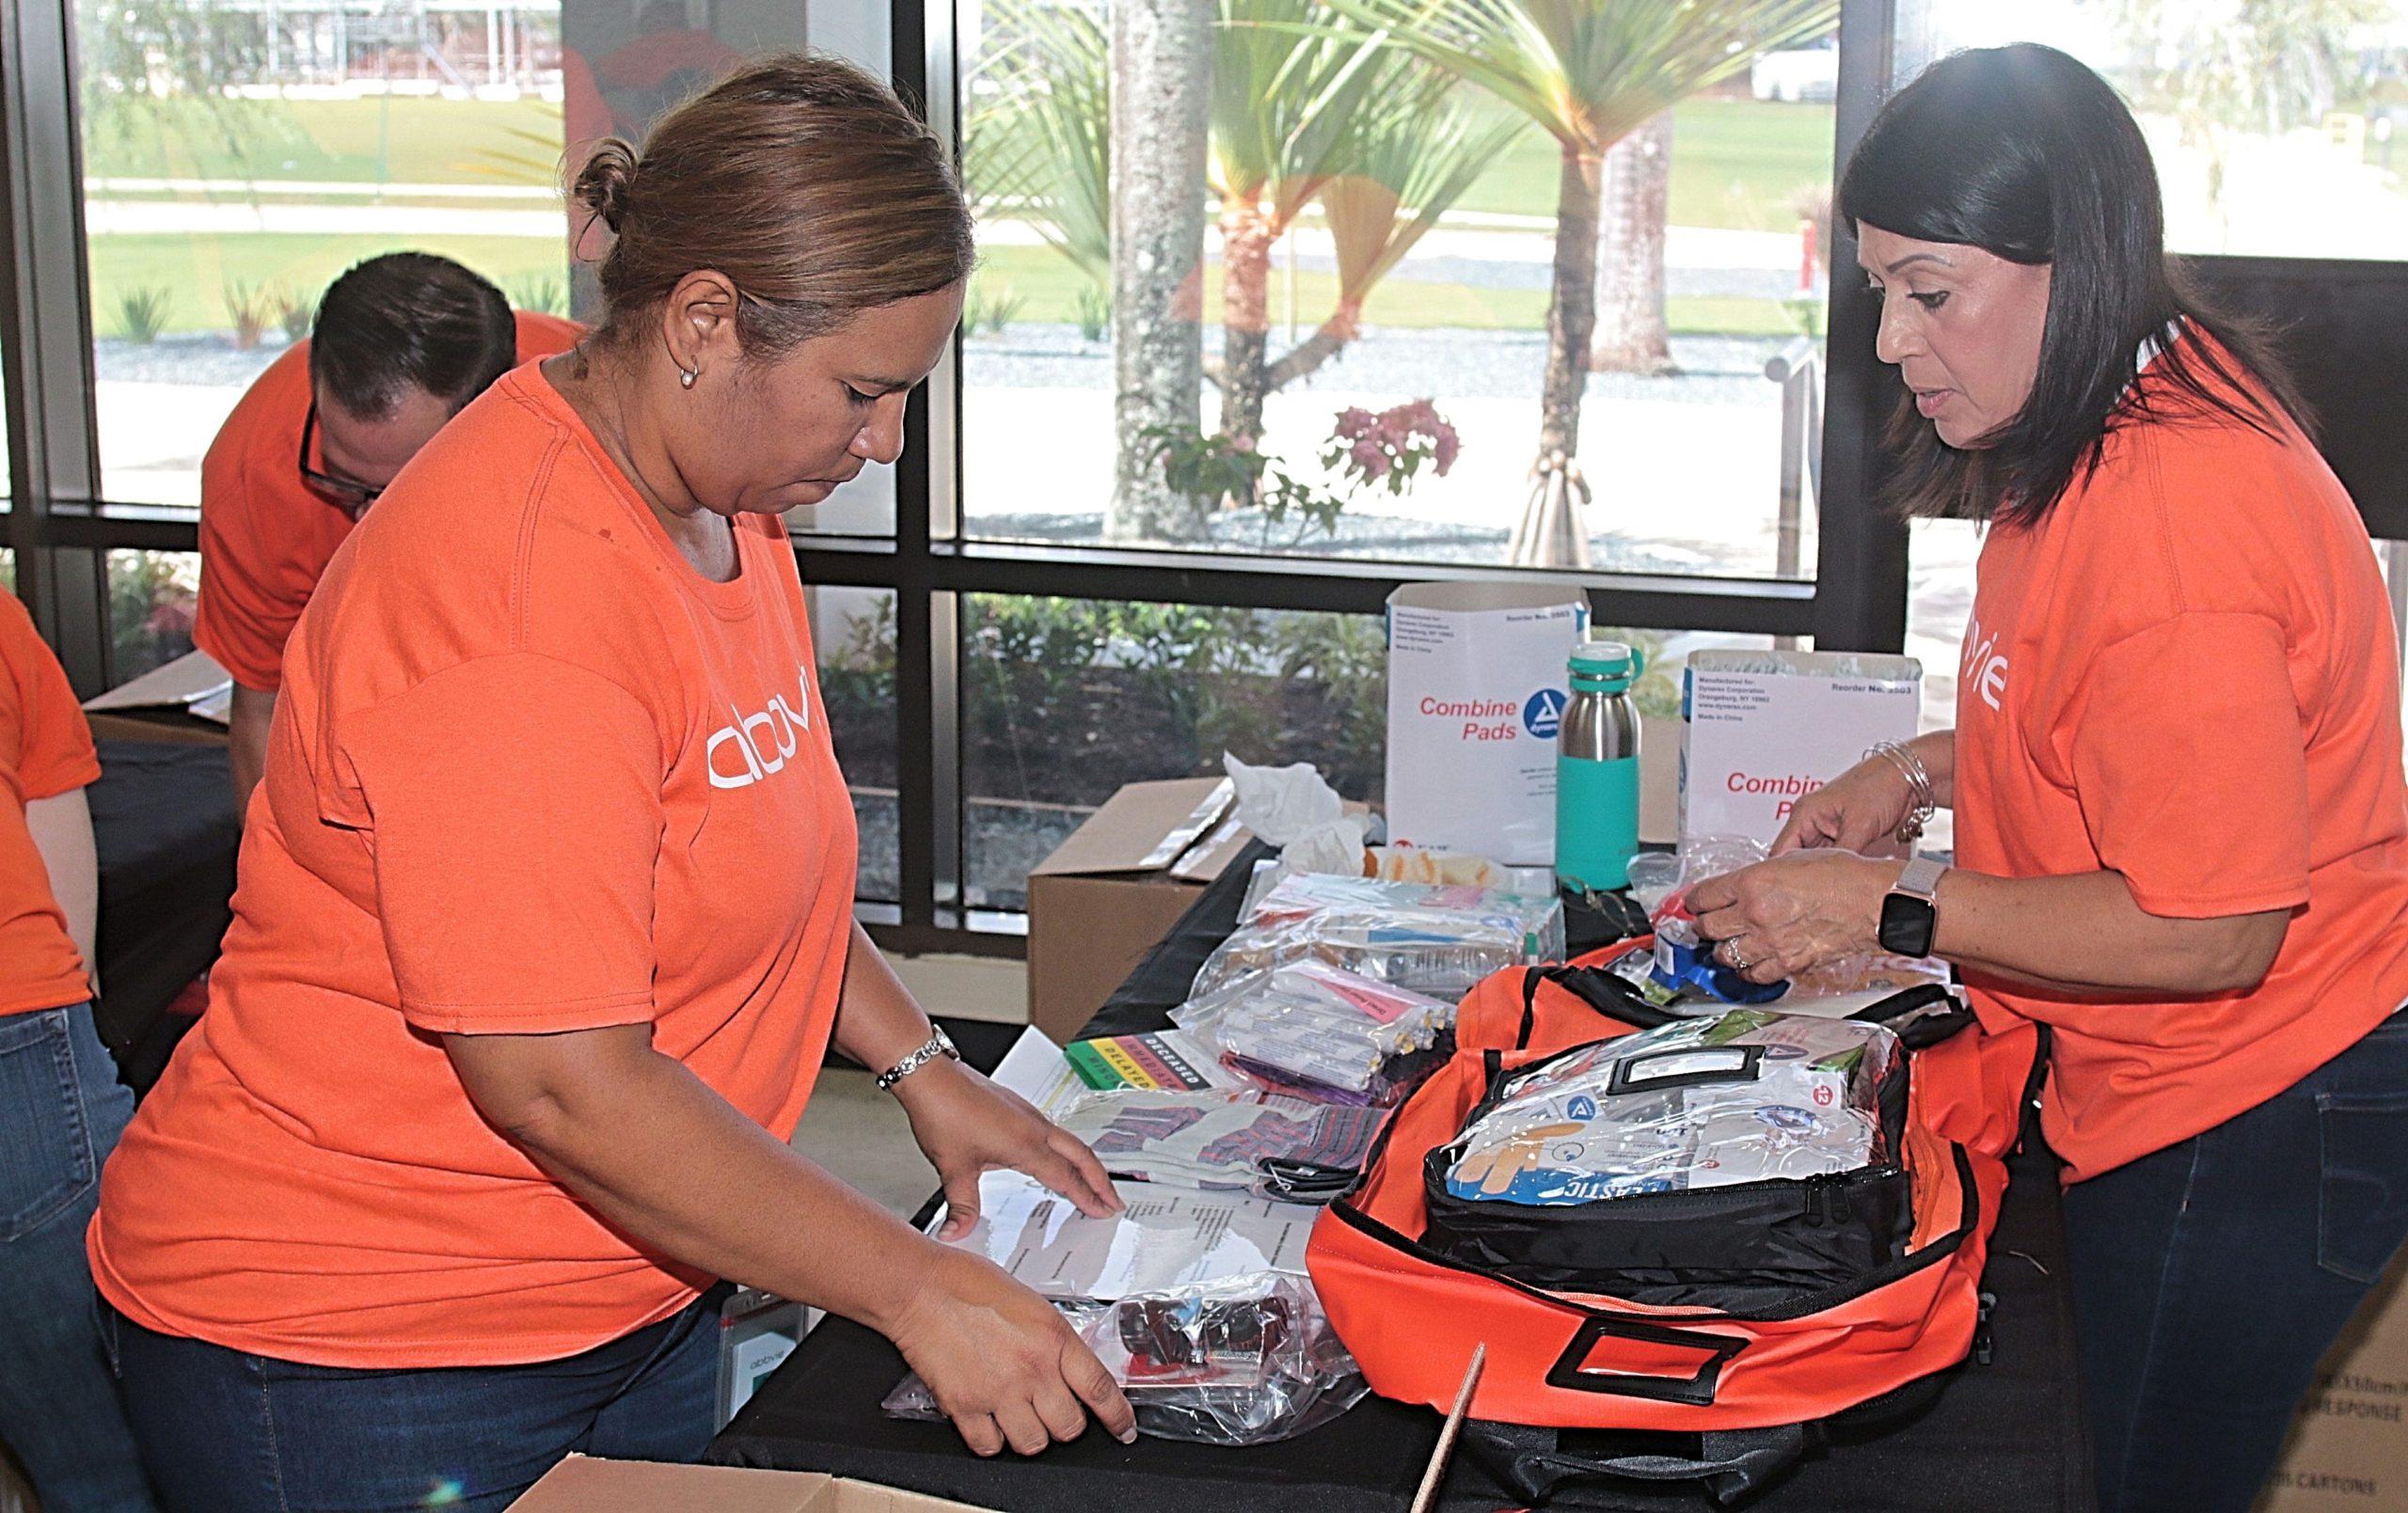 Proveen mochilas con suministros médicos para respuesta rápida